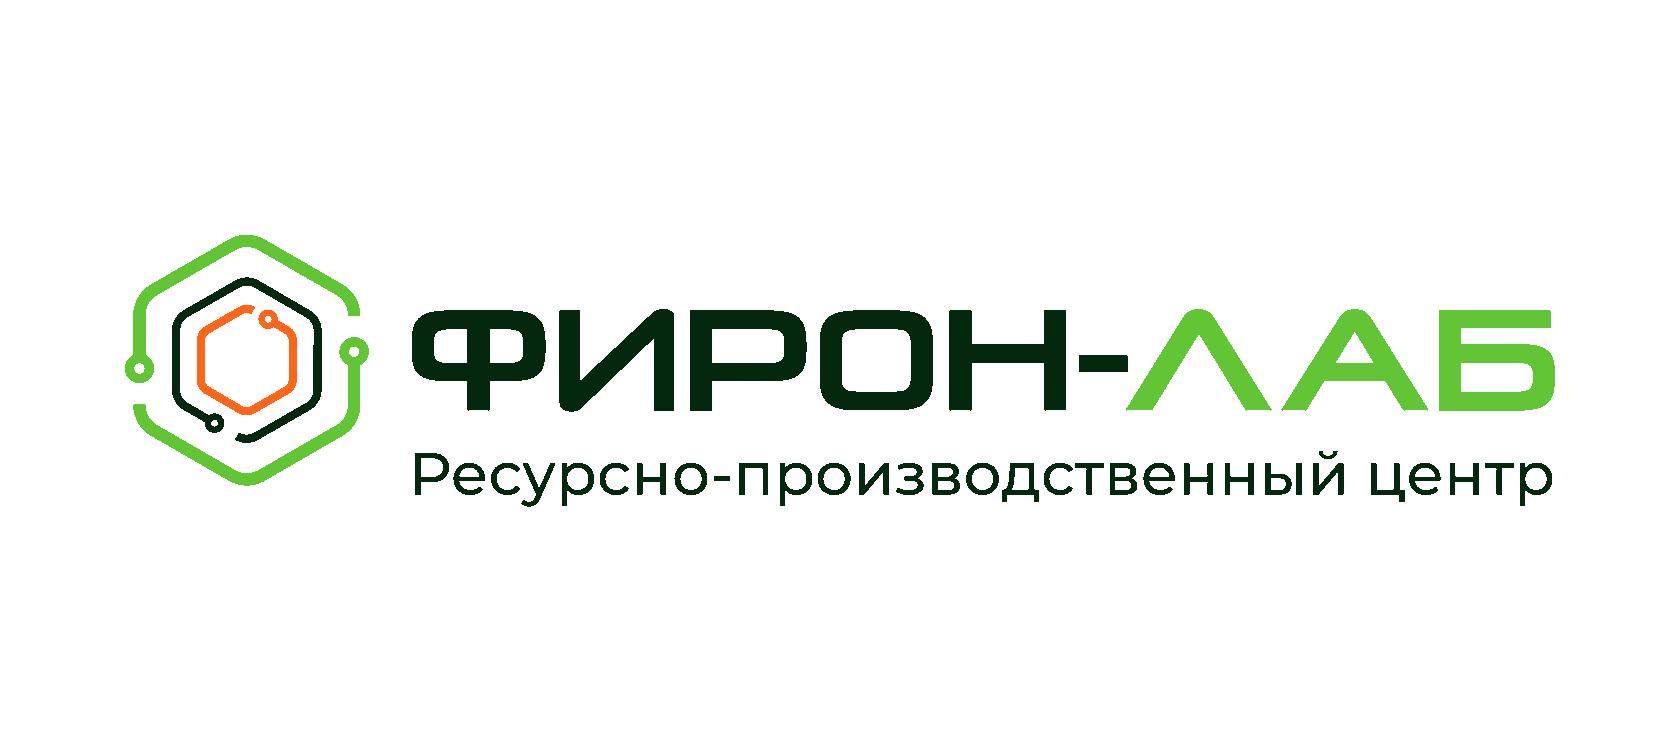 Ресурсно-производственный центр